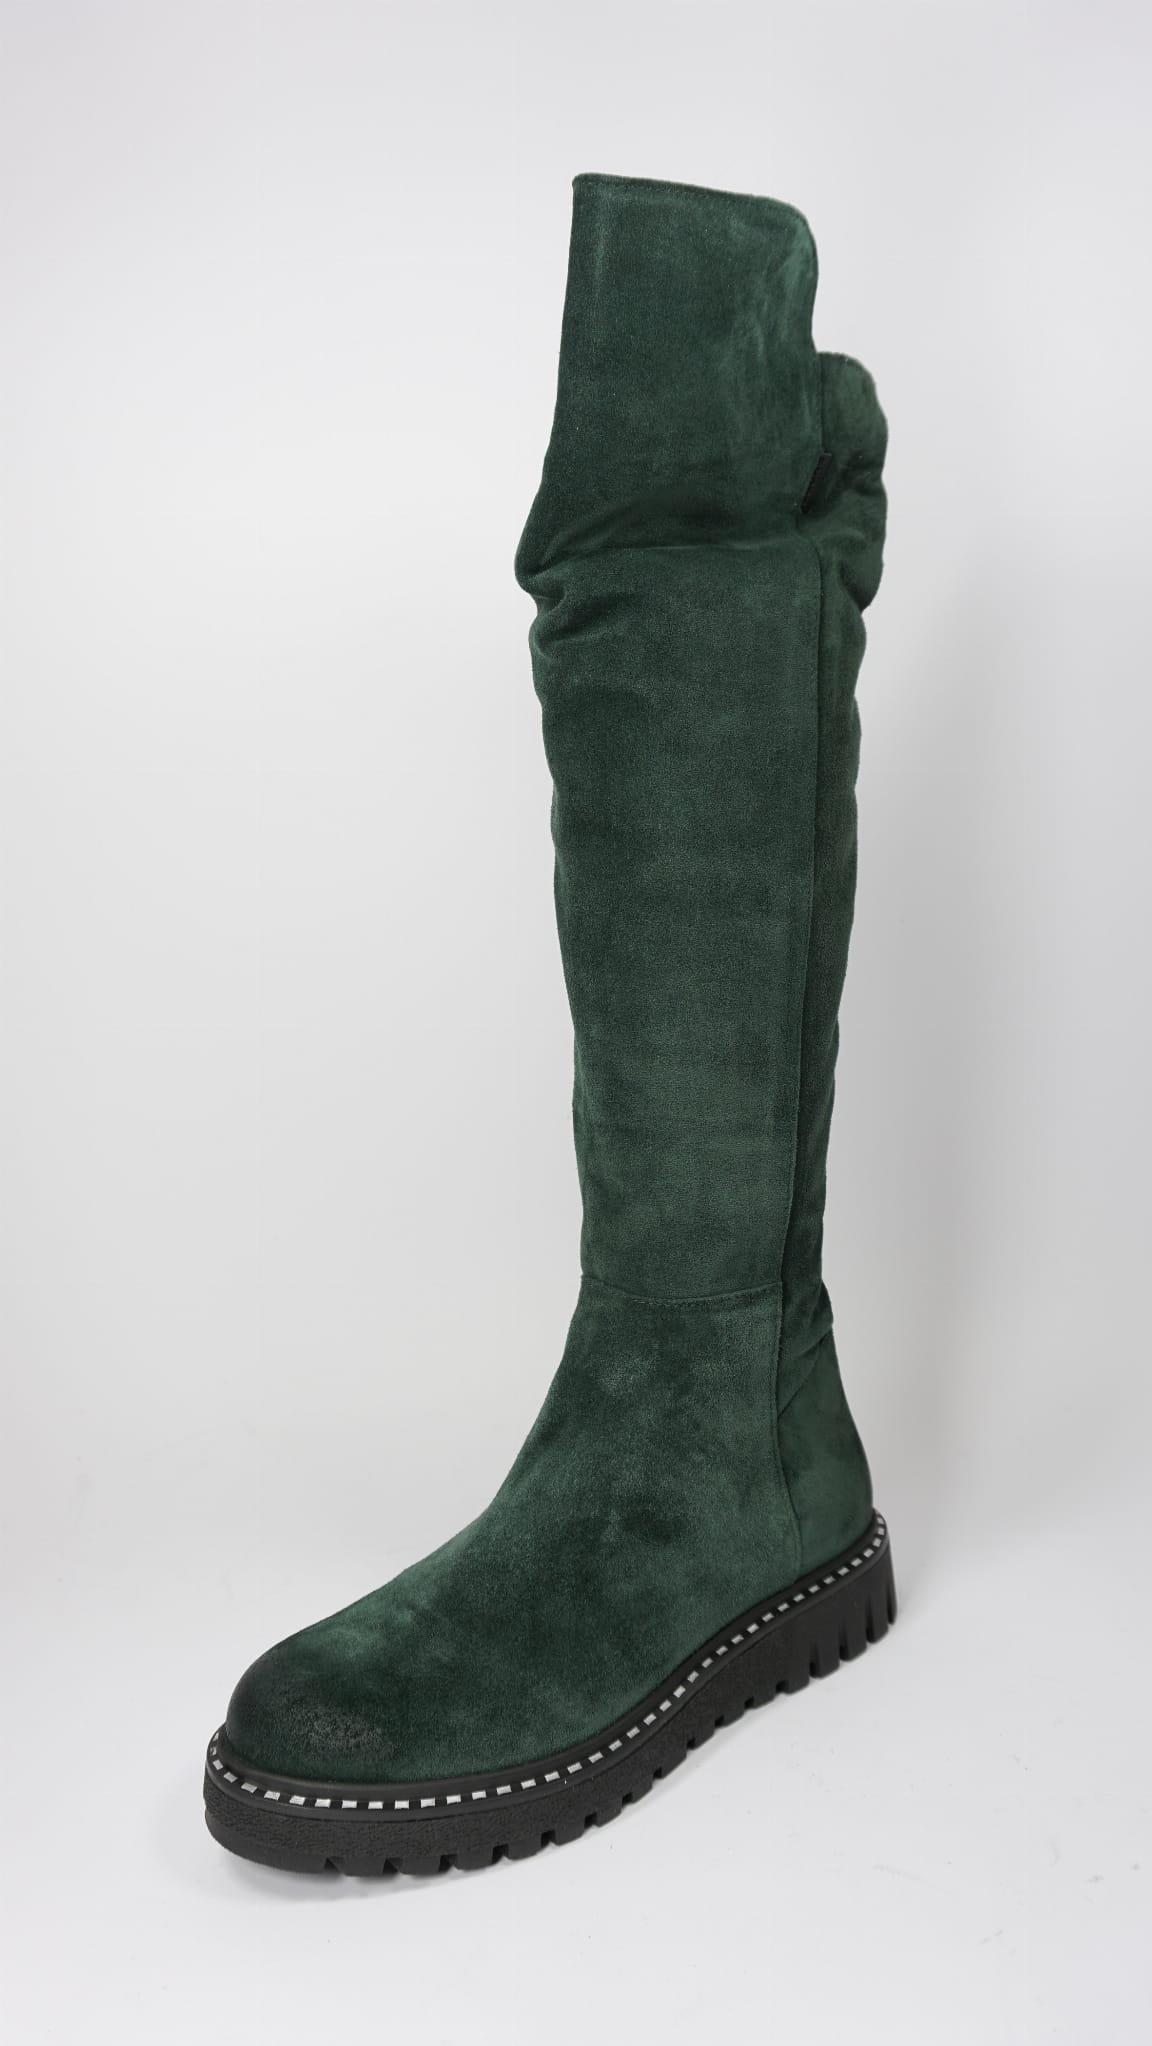 Kozaki damskie Nessi 18414 Filc zielony w